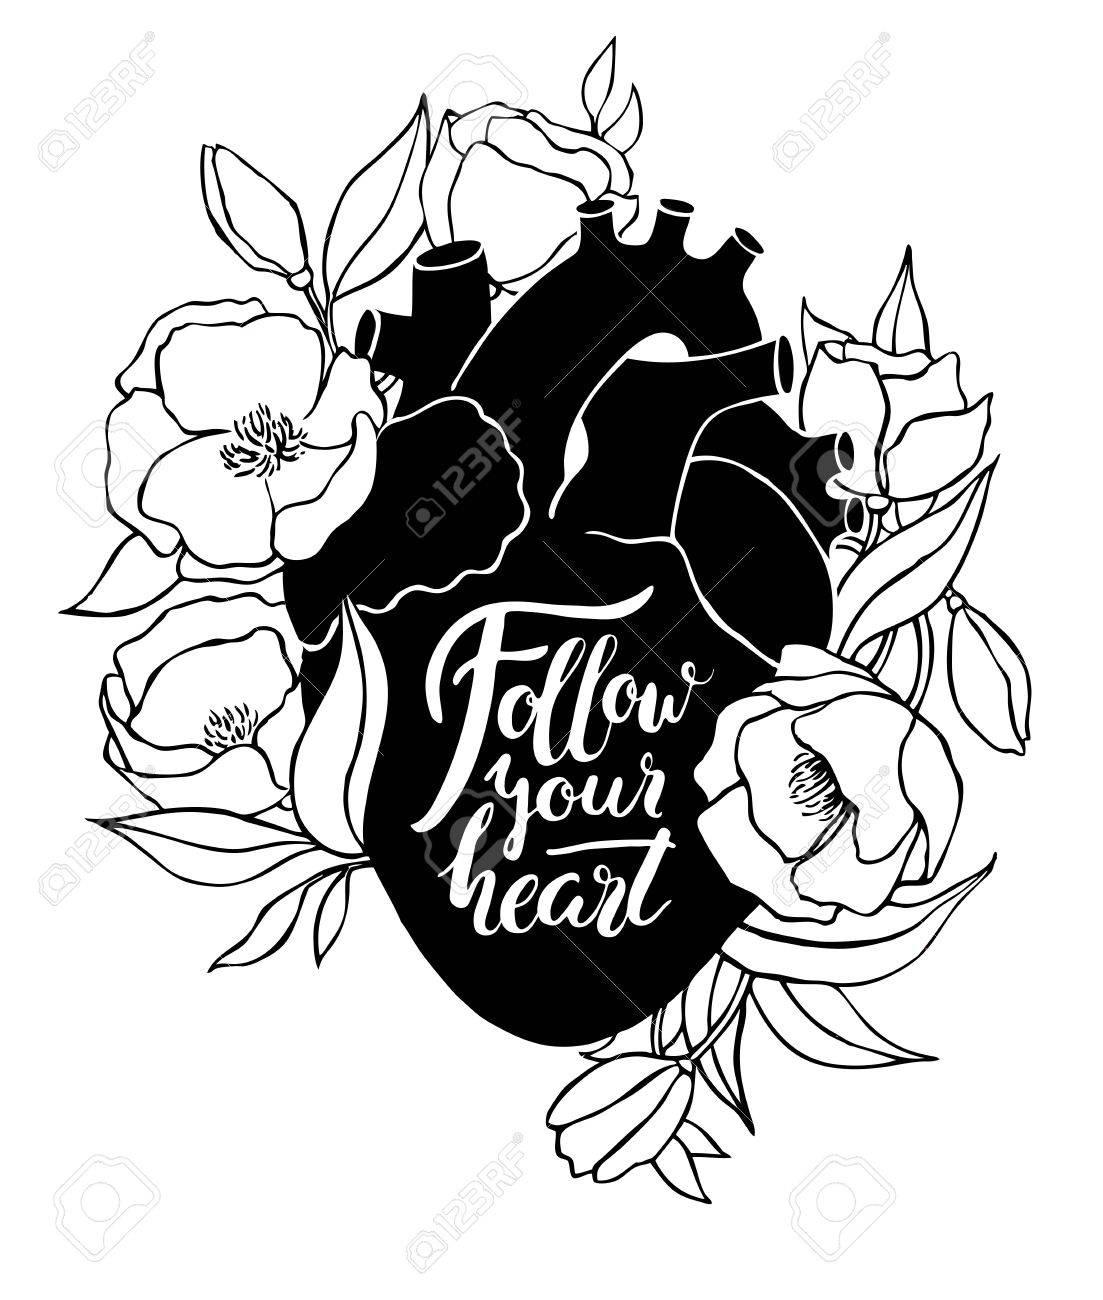 Ilustración Del Corazón Humano Con Las Flores Y Las Letras ...